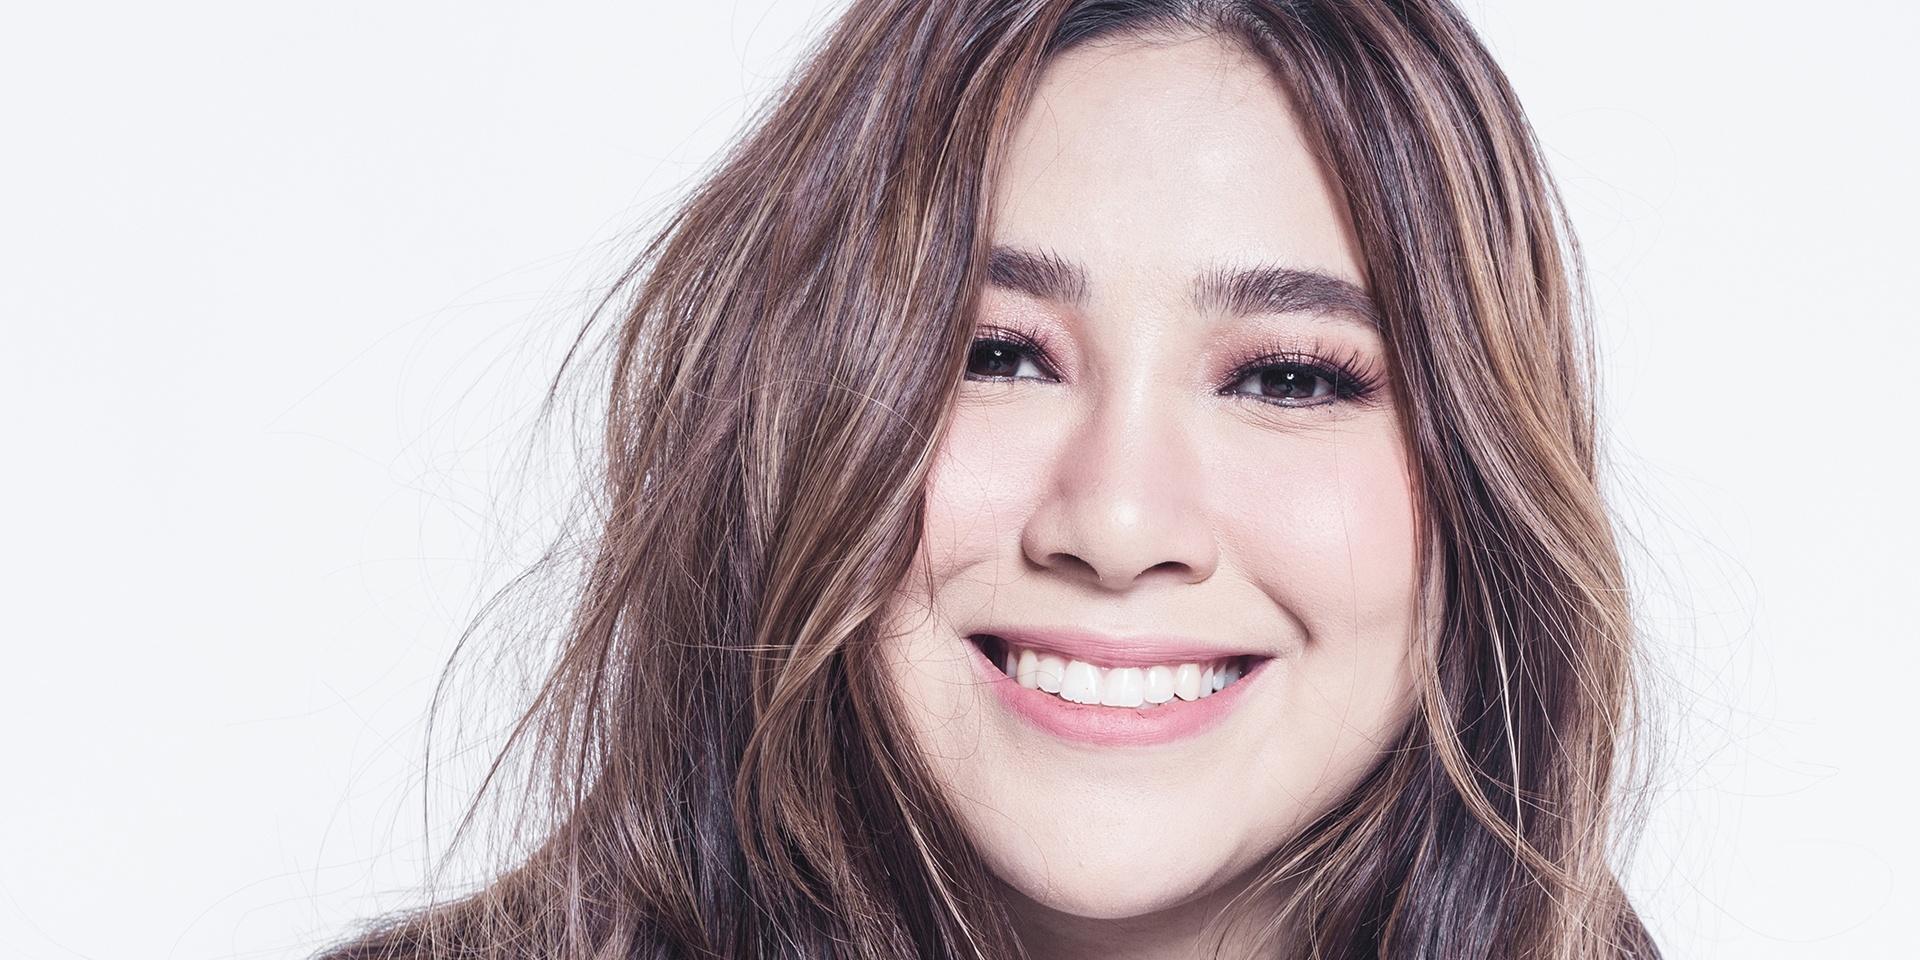 Moira Dela Torre to hold headlining concert in September